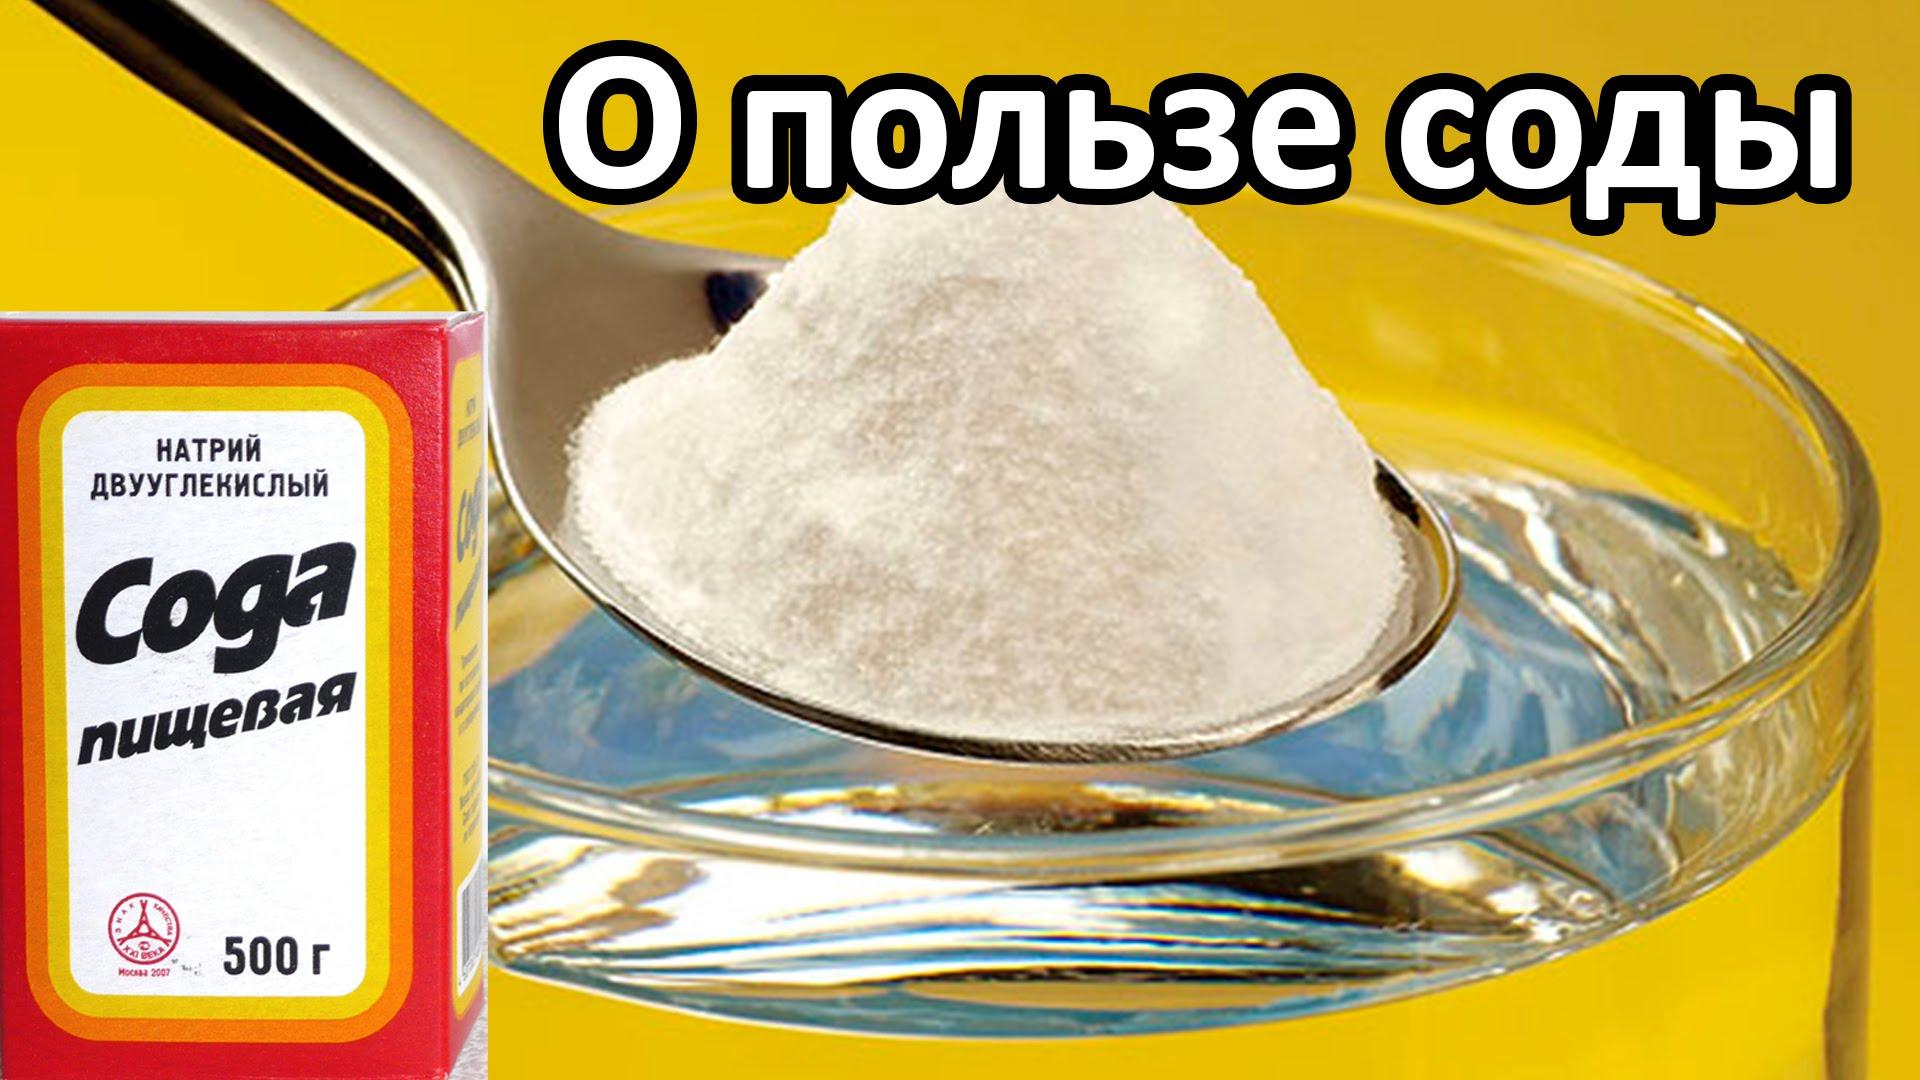 Раствор соды в воде применяется в народной медицине для ощелачивания организма